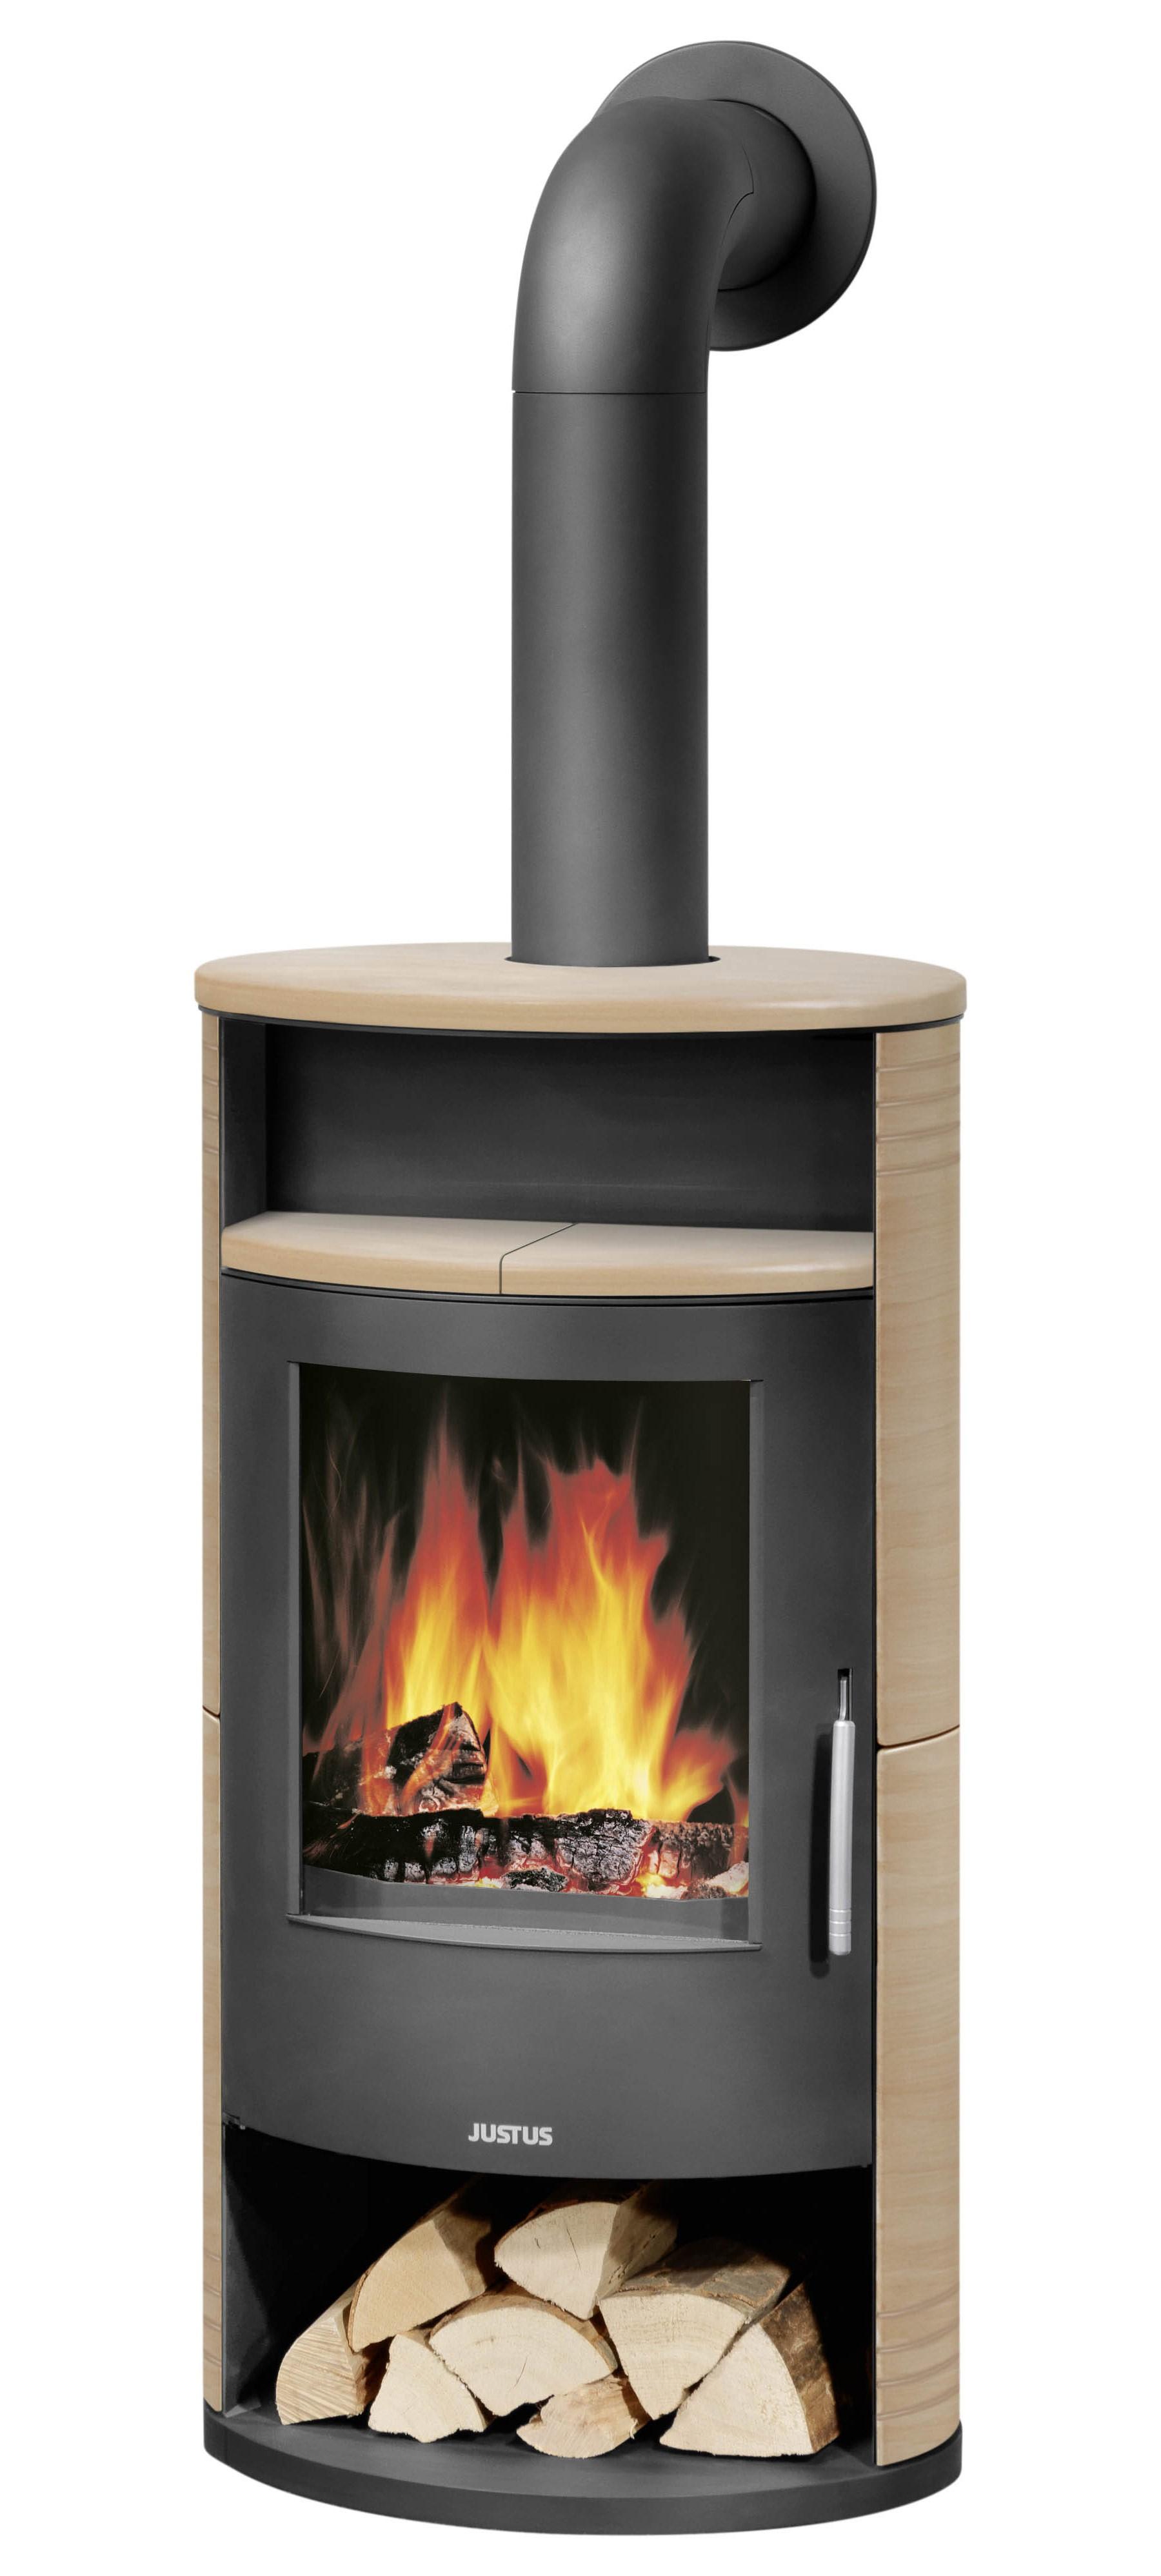 Ferguson Fireplace Awesome Kaminofen Justus island 7 Raumluftunabhängig Keramik Coretto 6 5kw